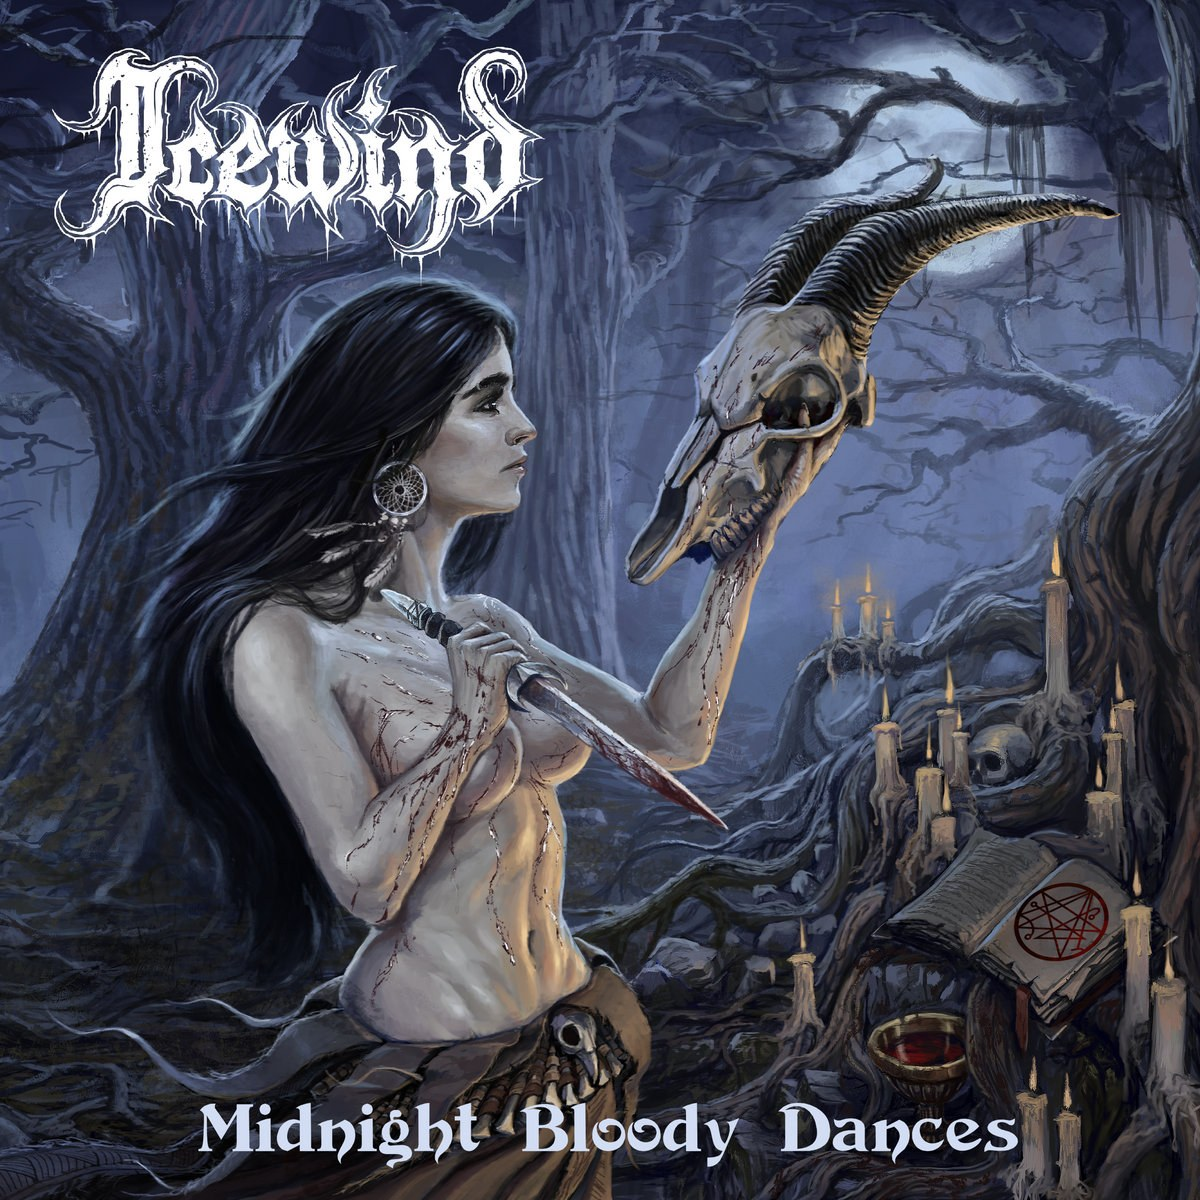 Icewind - Midnight Bloody Dances